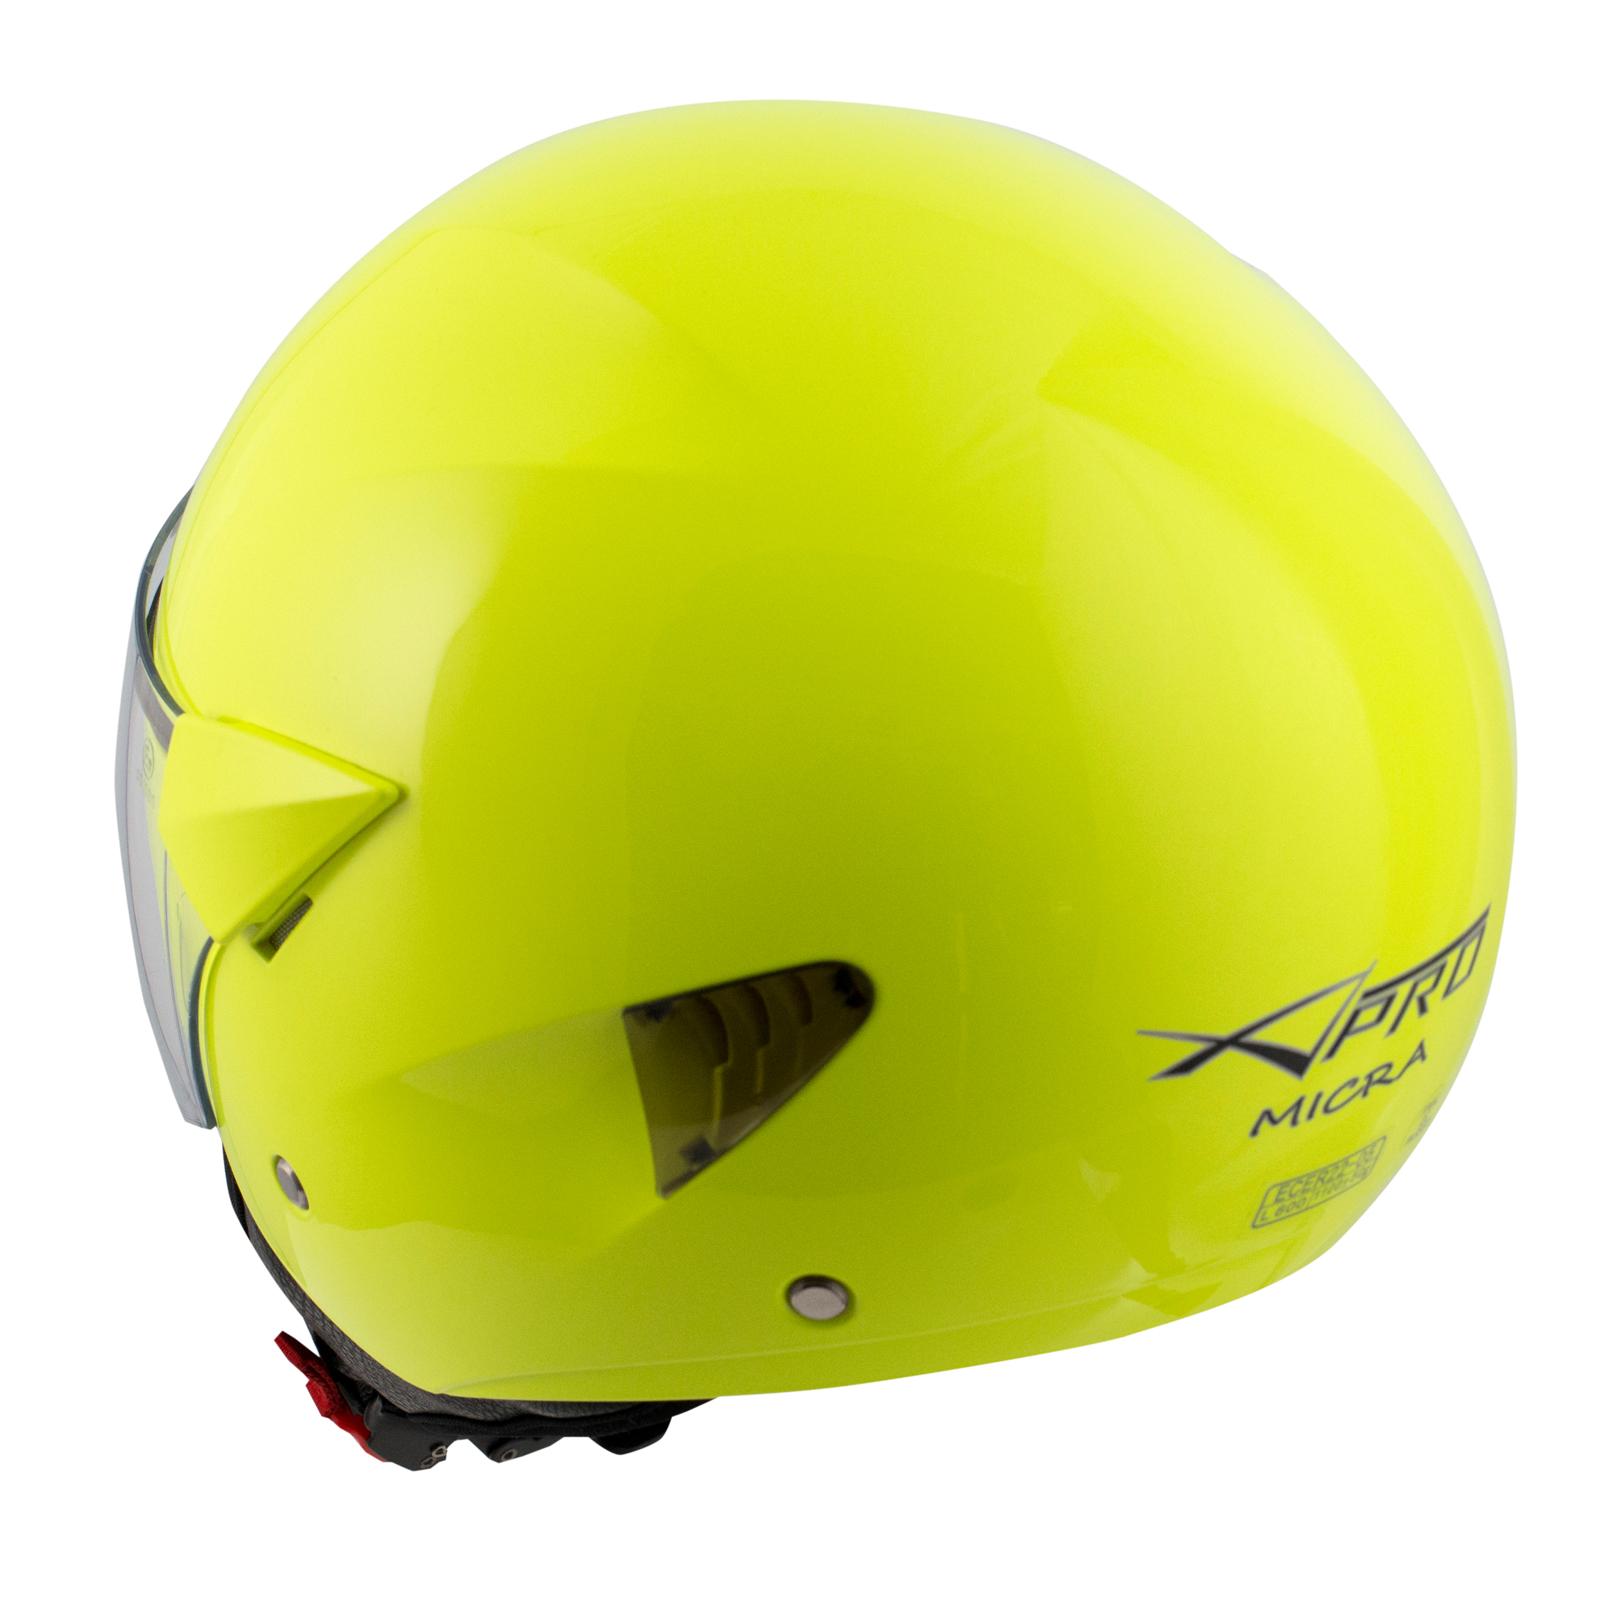 Casque-Moto-Scooter-Ville-Jet-Visiere-Longue-Approuve-ECE-22-05-Fluo